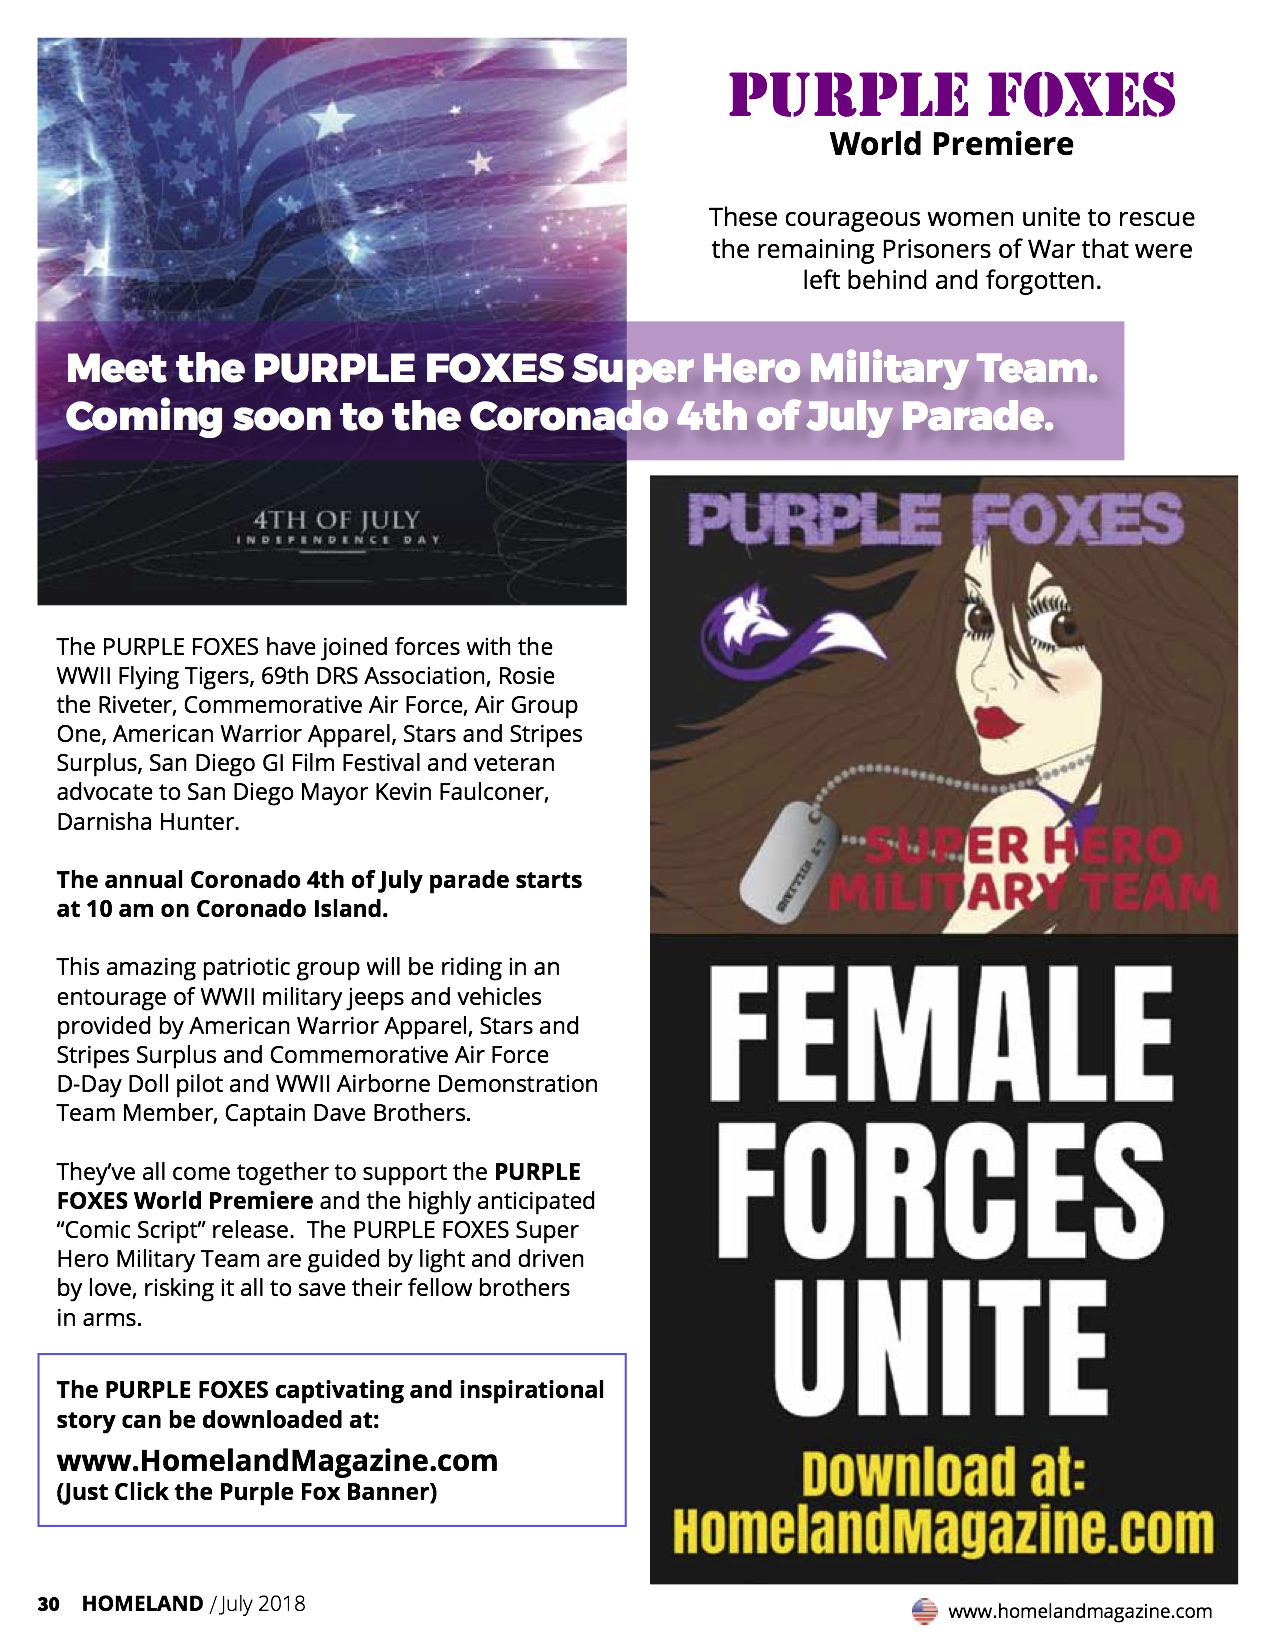 Purple Foxes – Female Forces Unite